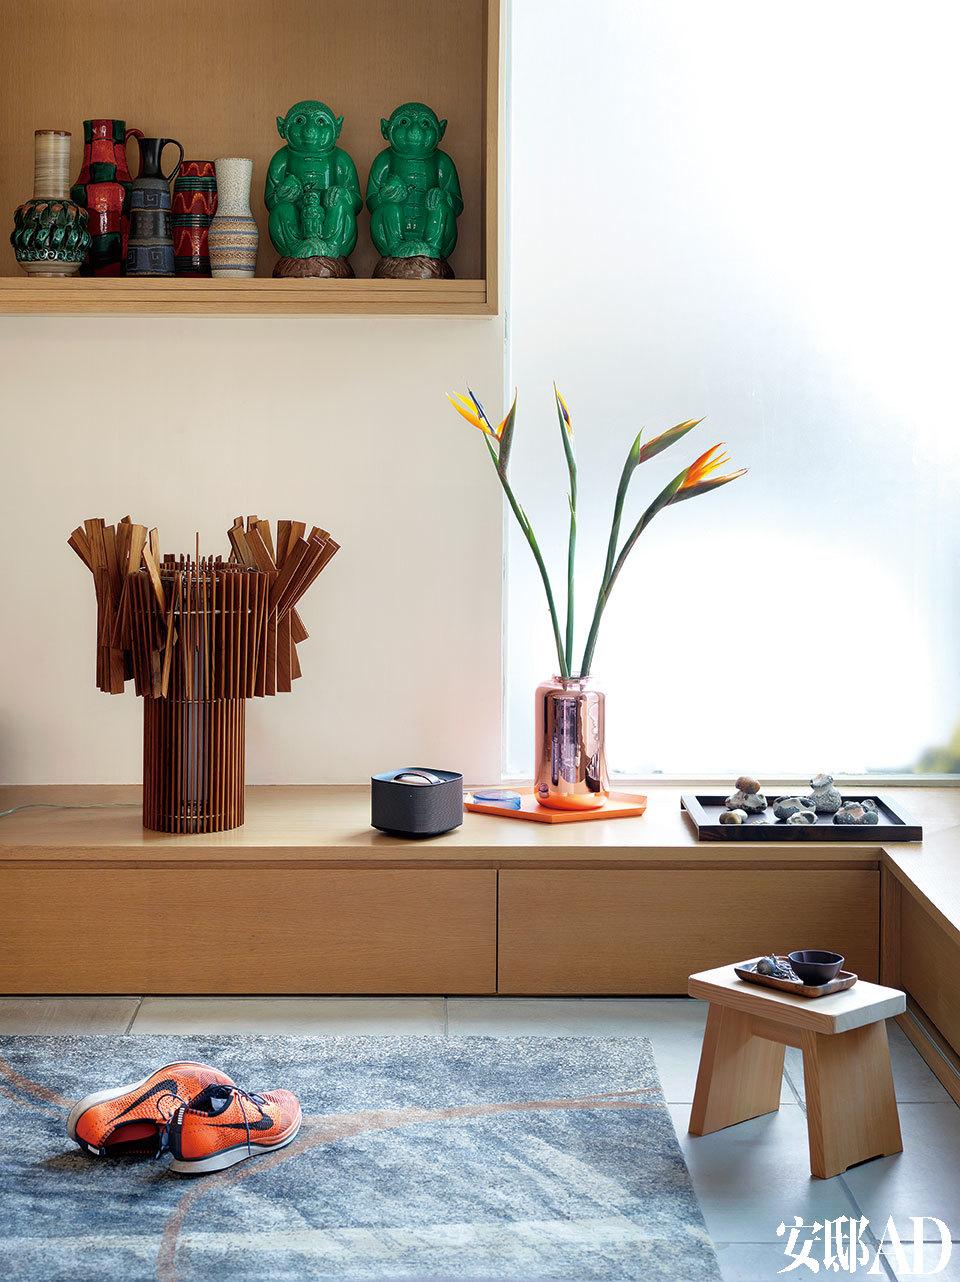 在如此紧凑的居住空间里,少即是多。从1960年代的德国陶器,到日本木制台灯,两个人独具慧眼,每个物件都经过精挑细选。